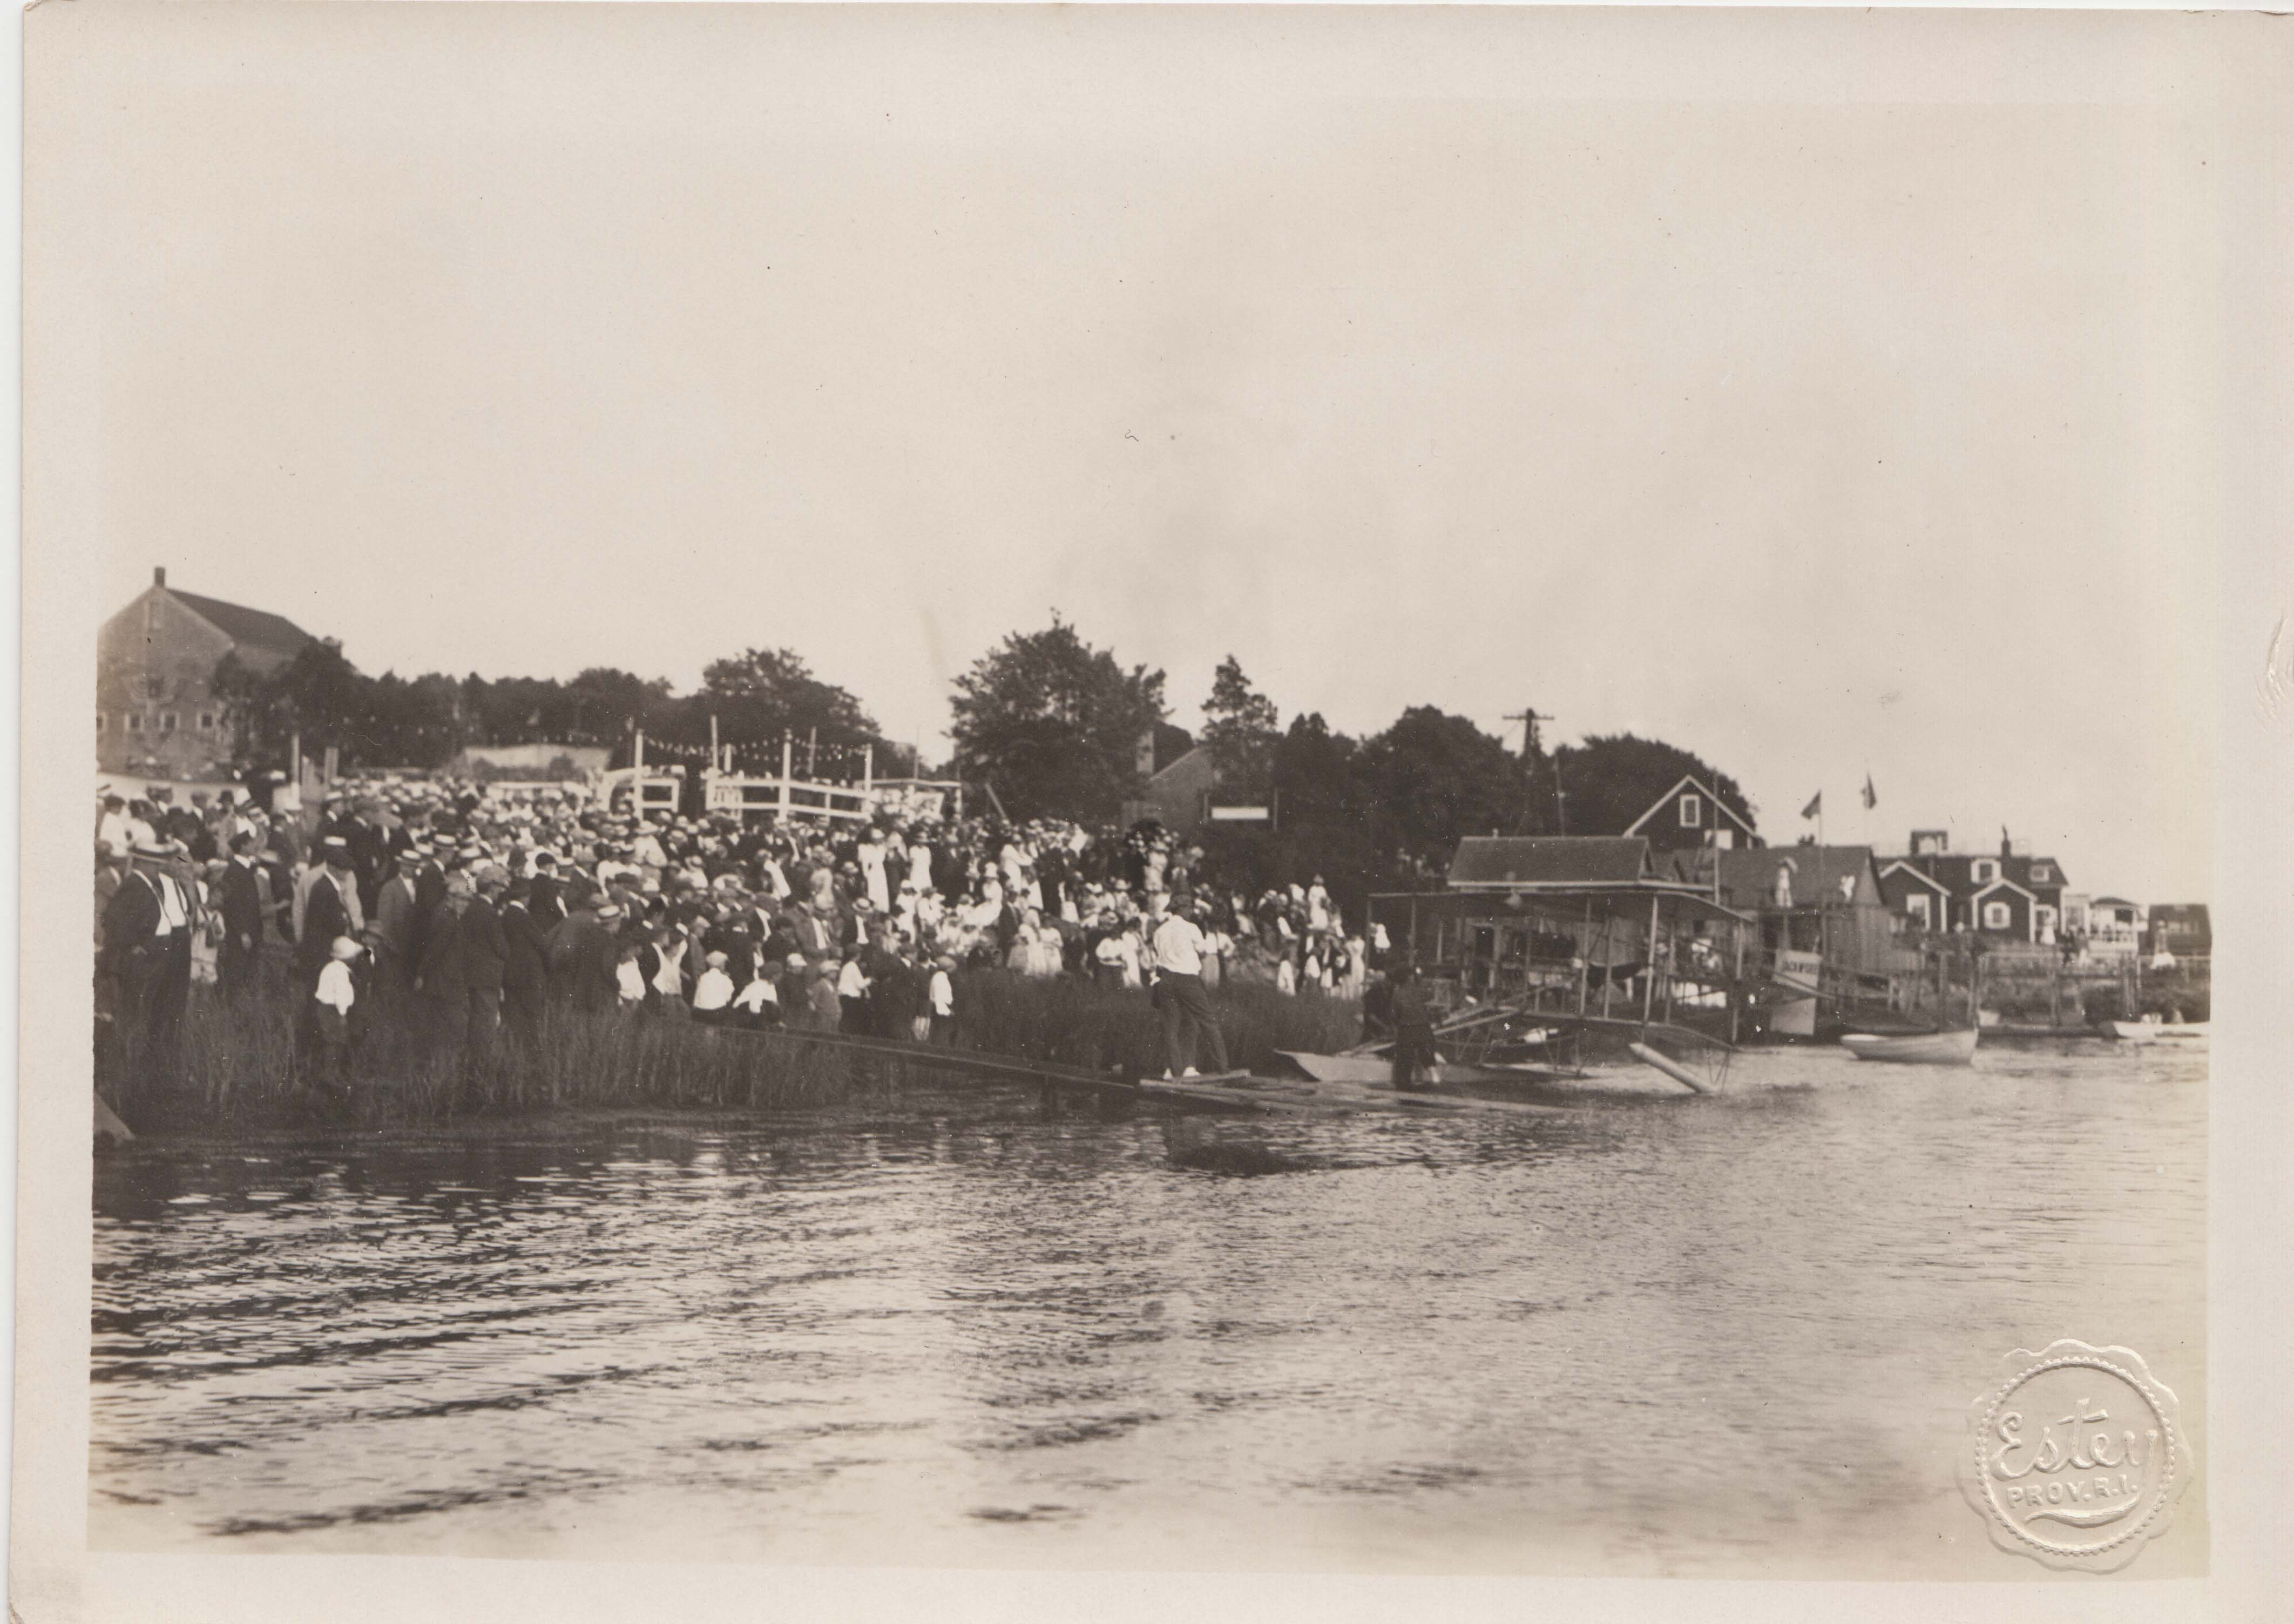 0058 Crowd around Beach 1